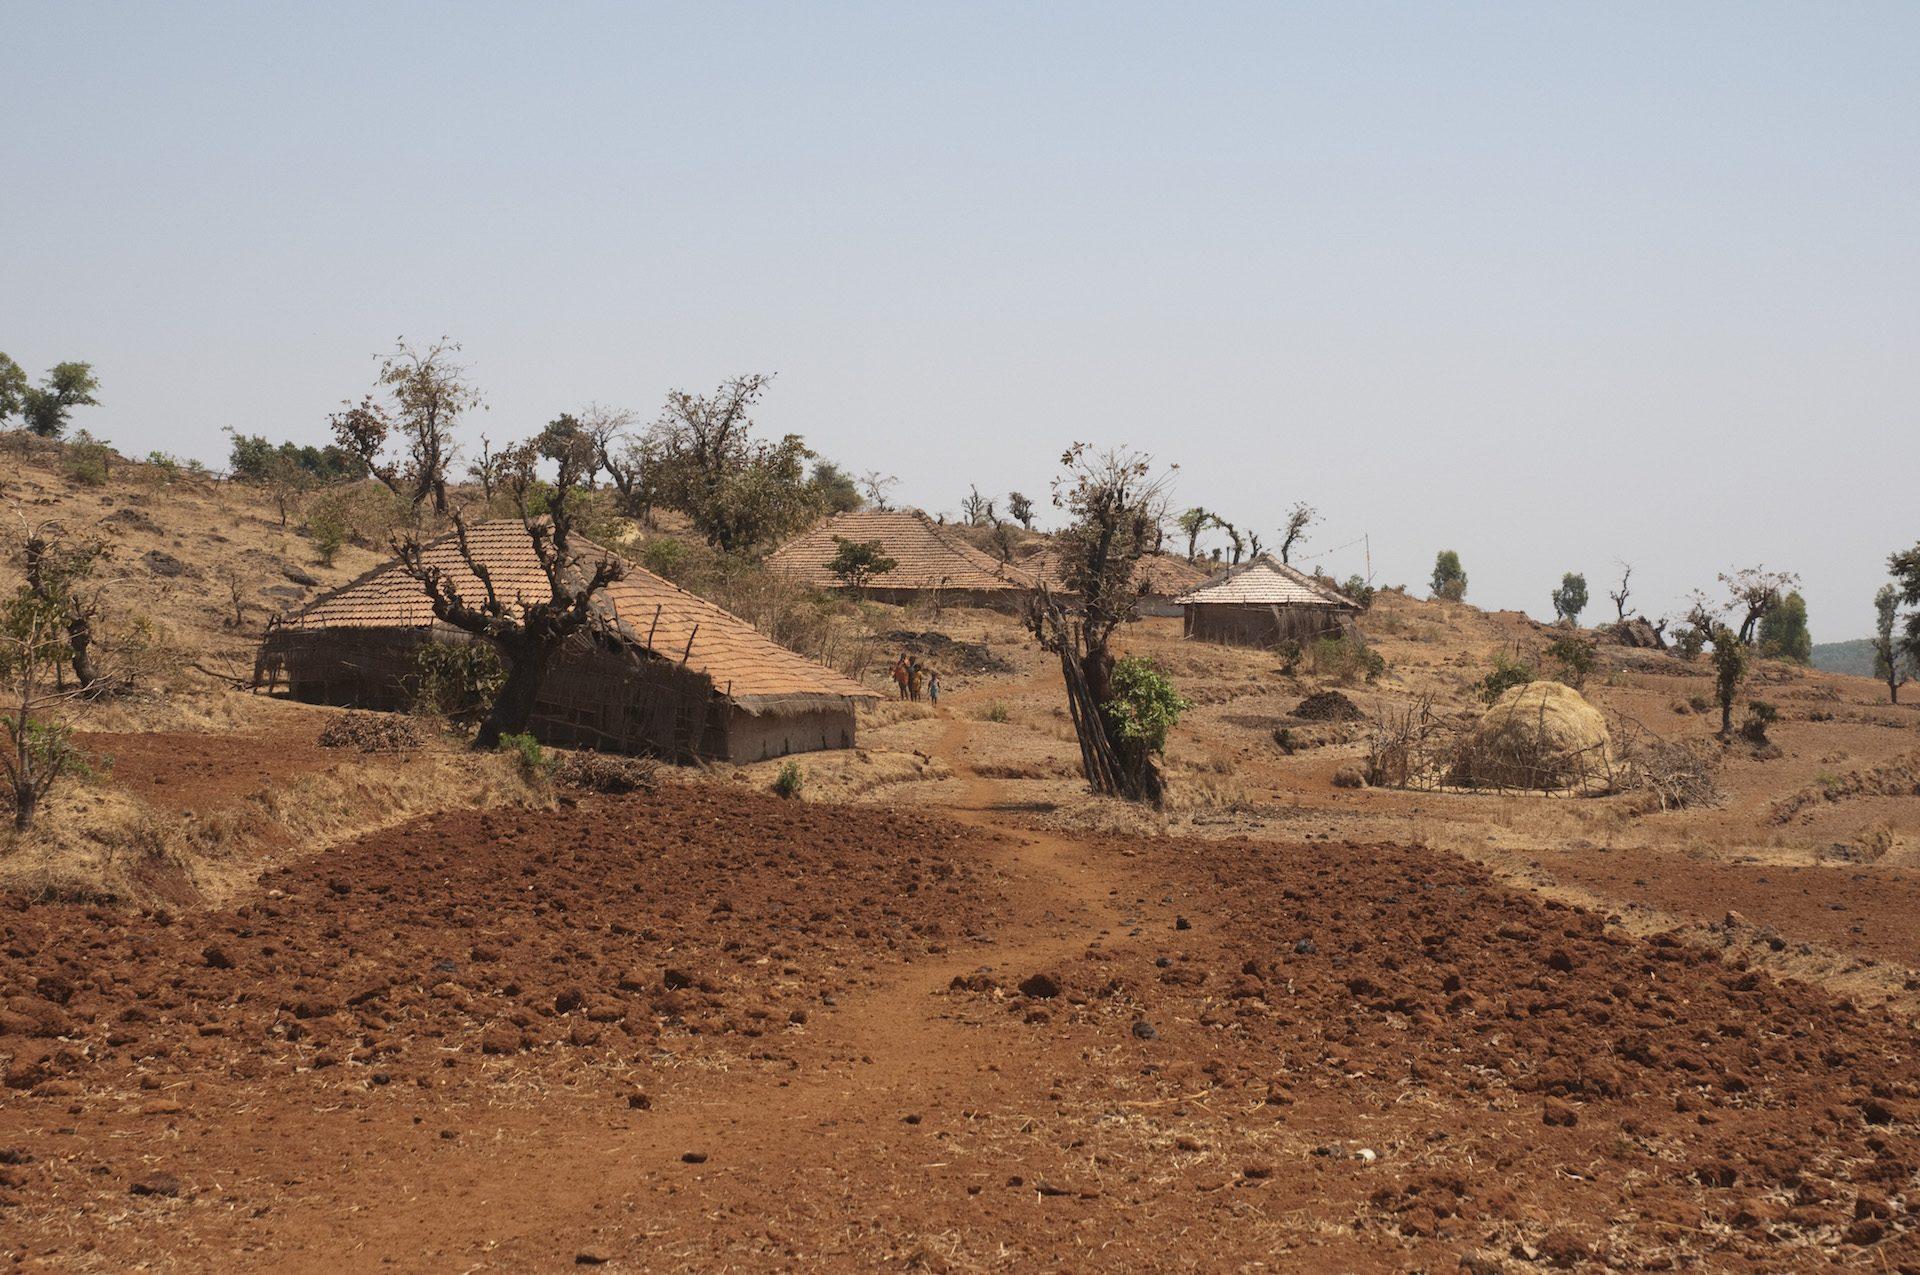 Huizen in dorre omgeving in India